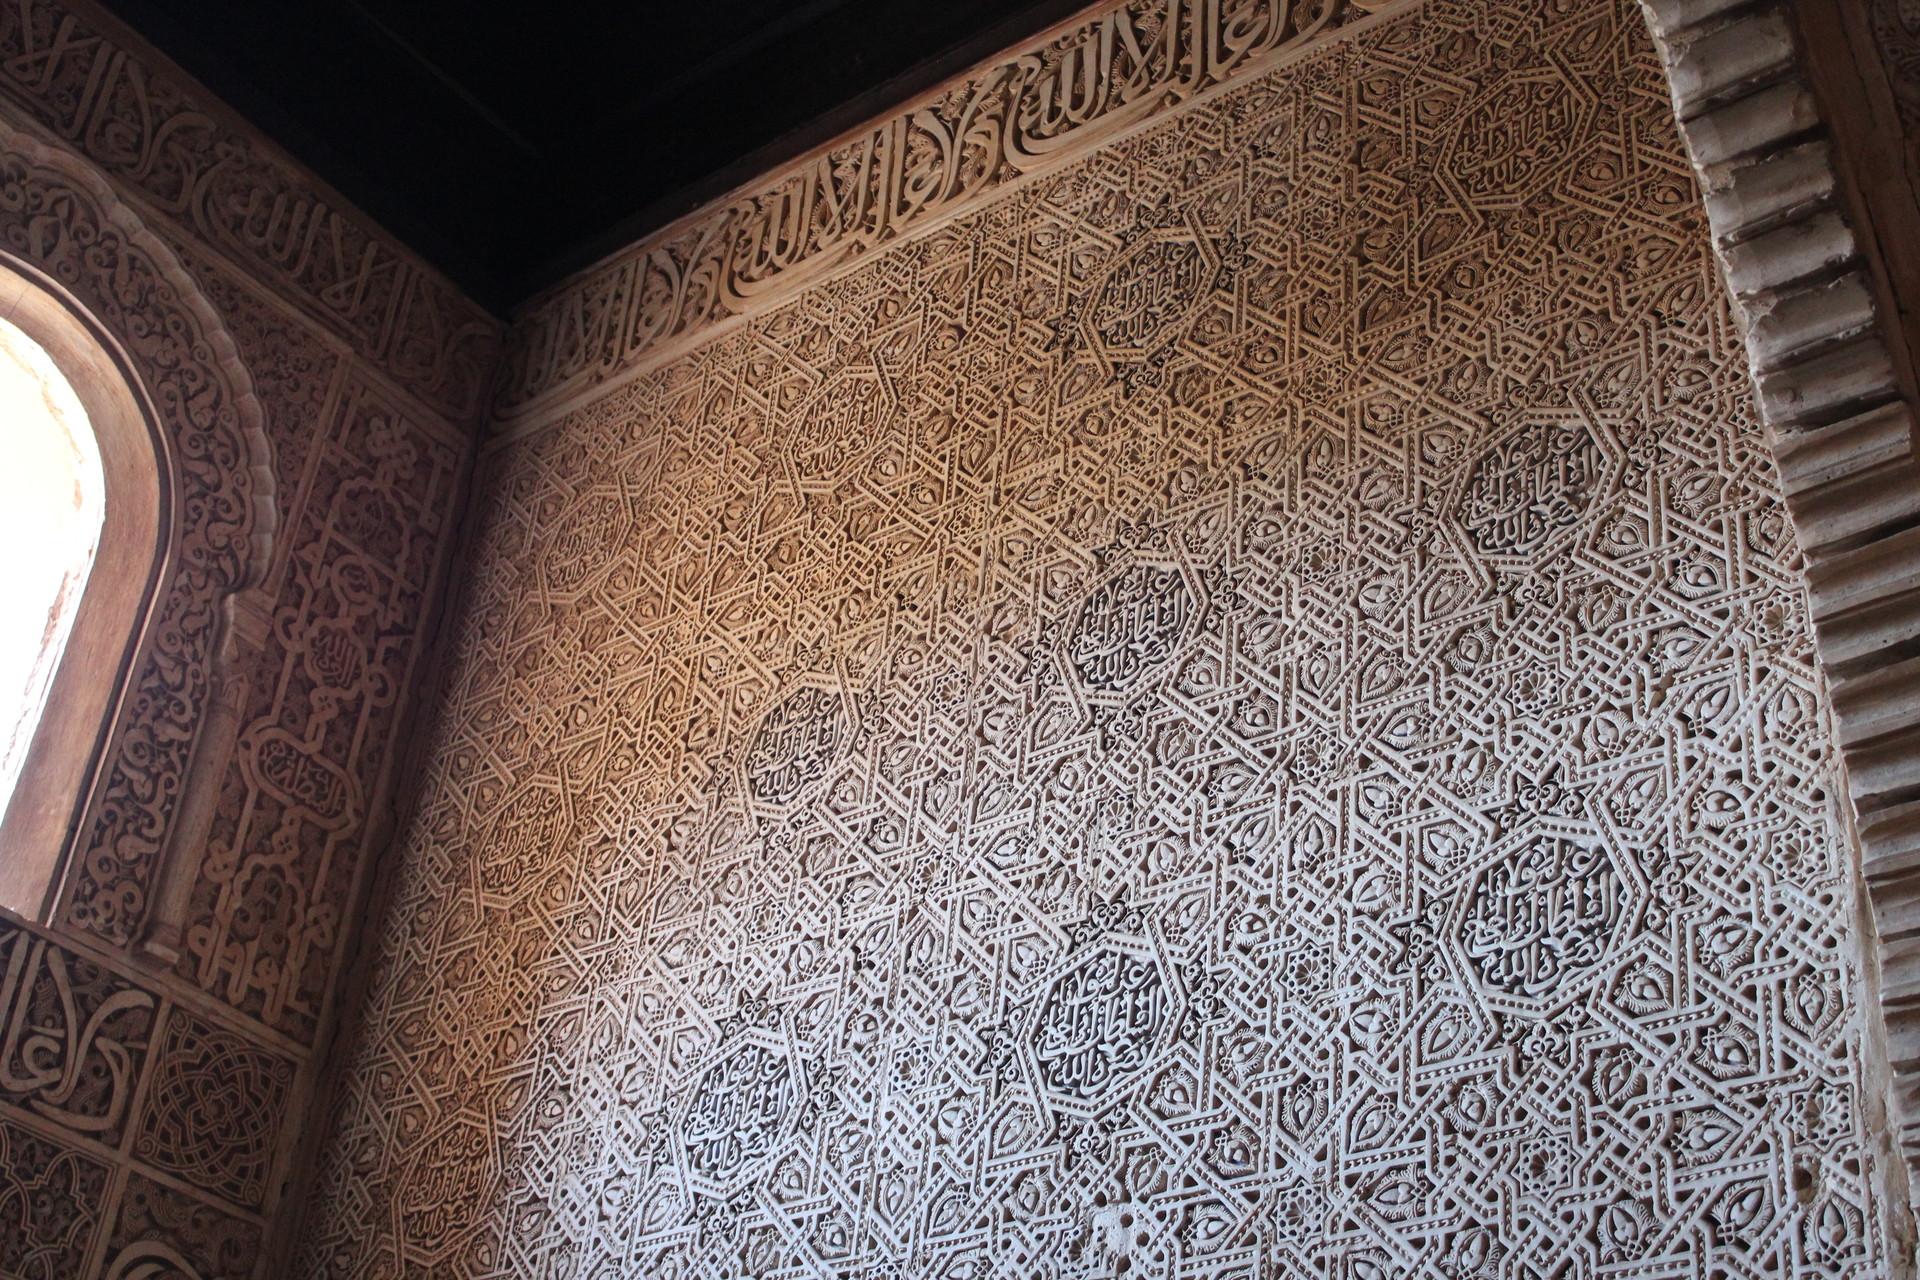 un-dia-alhambra-granada-09df7a454d3c4b28